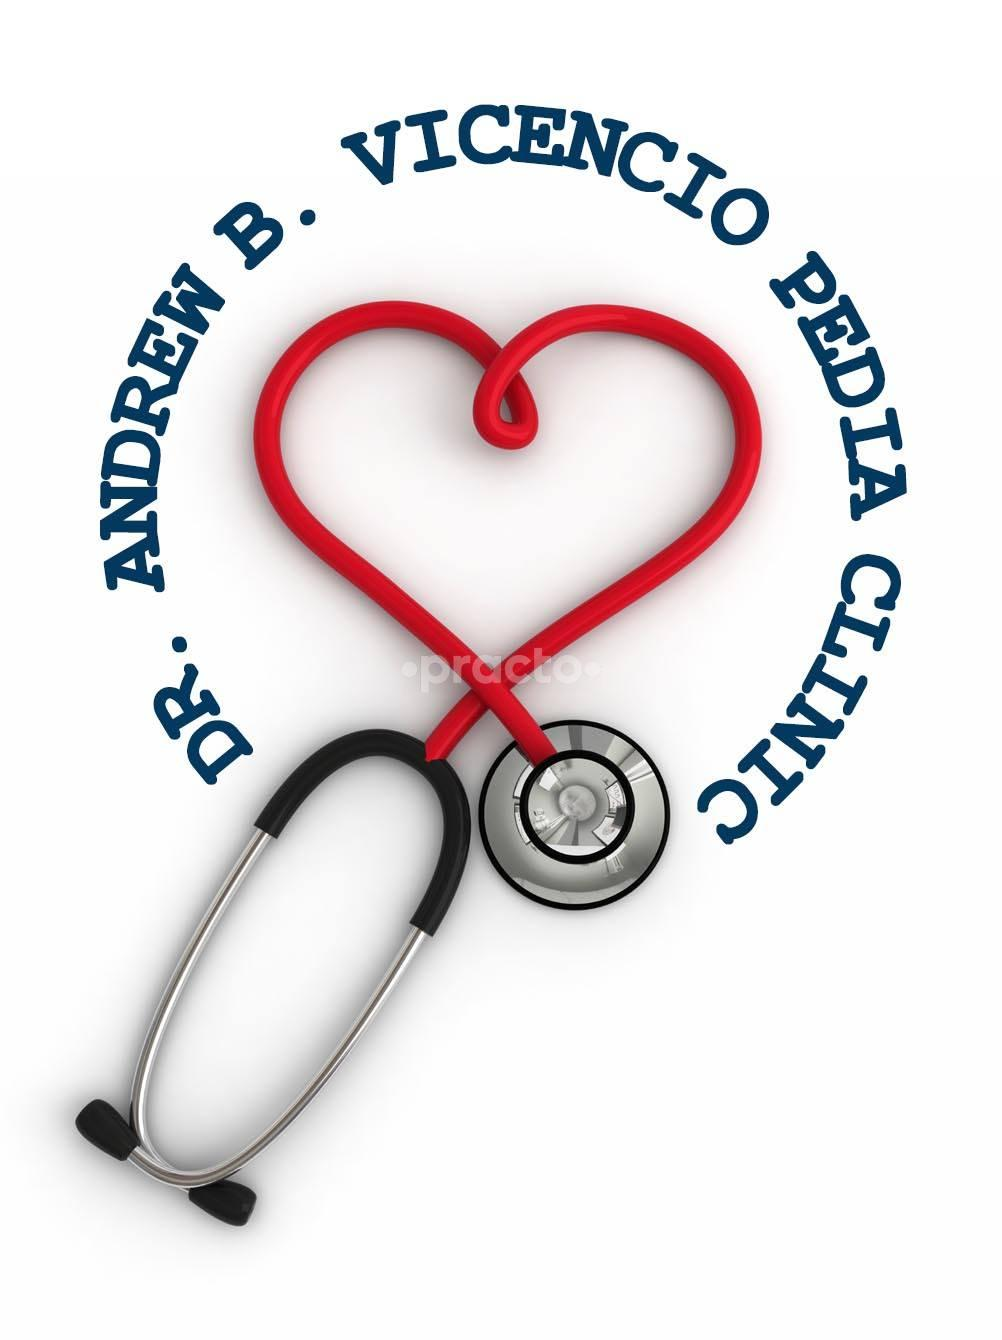 Dr. Andrew B. Vicencio Pedia Clinic